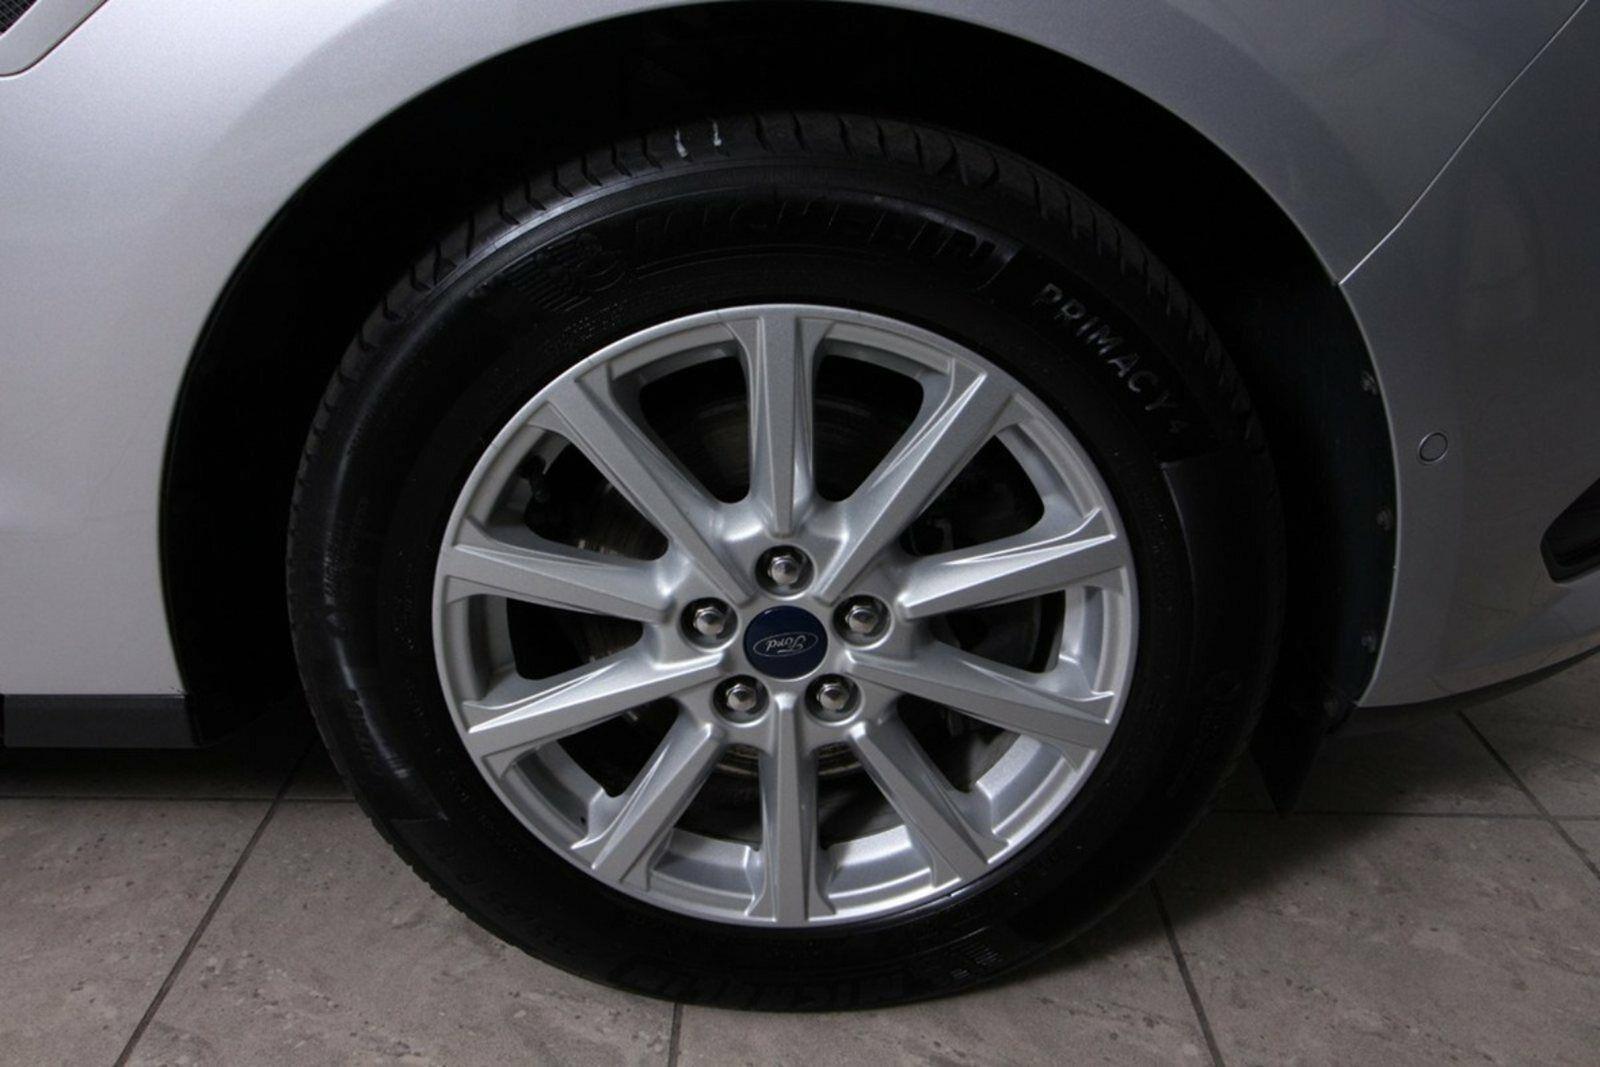 Ford S-MAX TDCi 180 Titanium